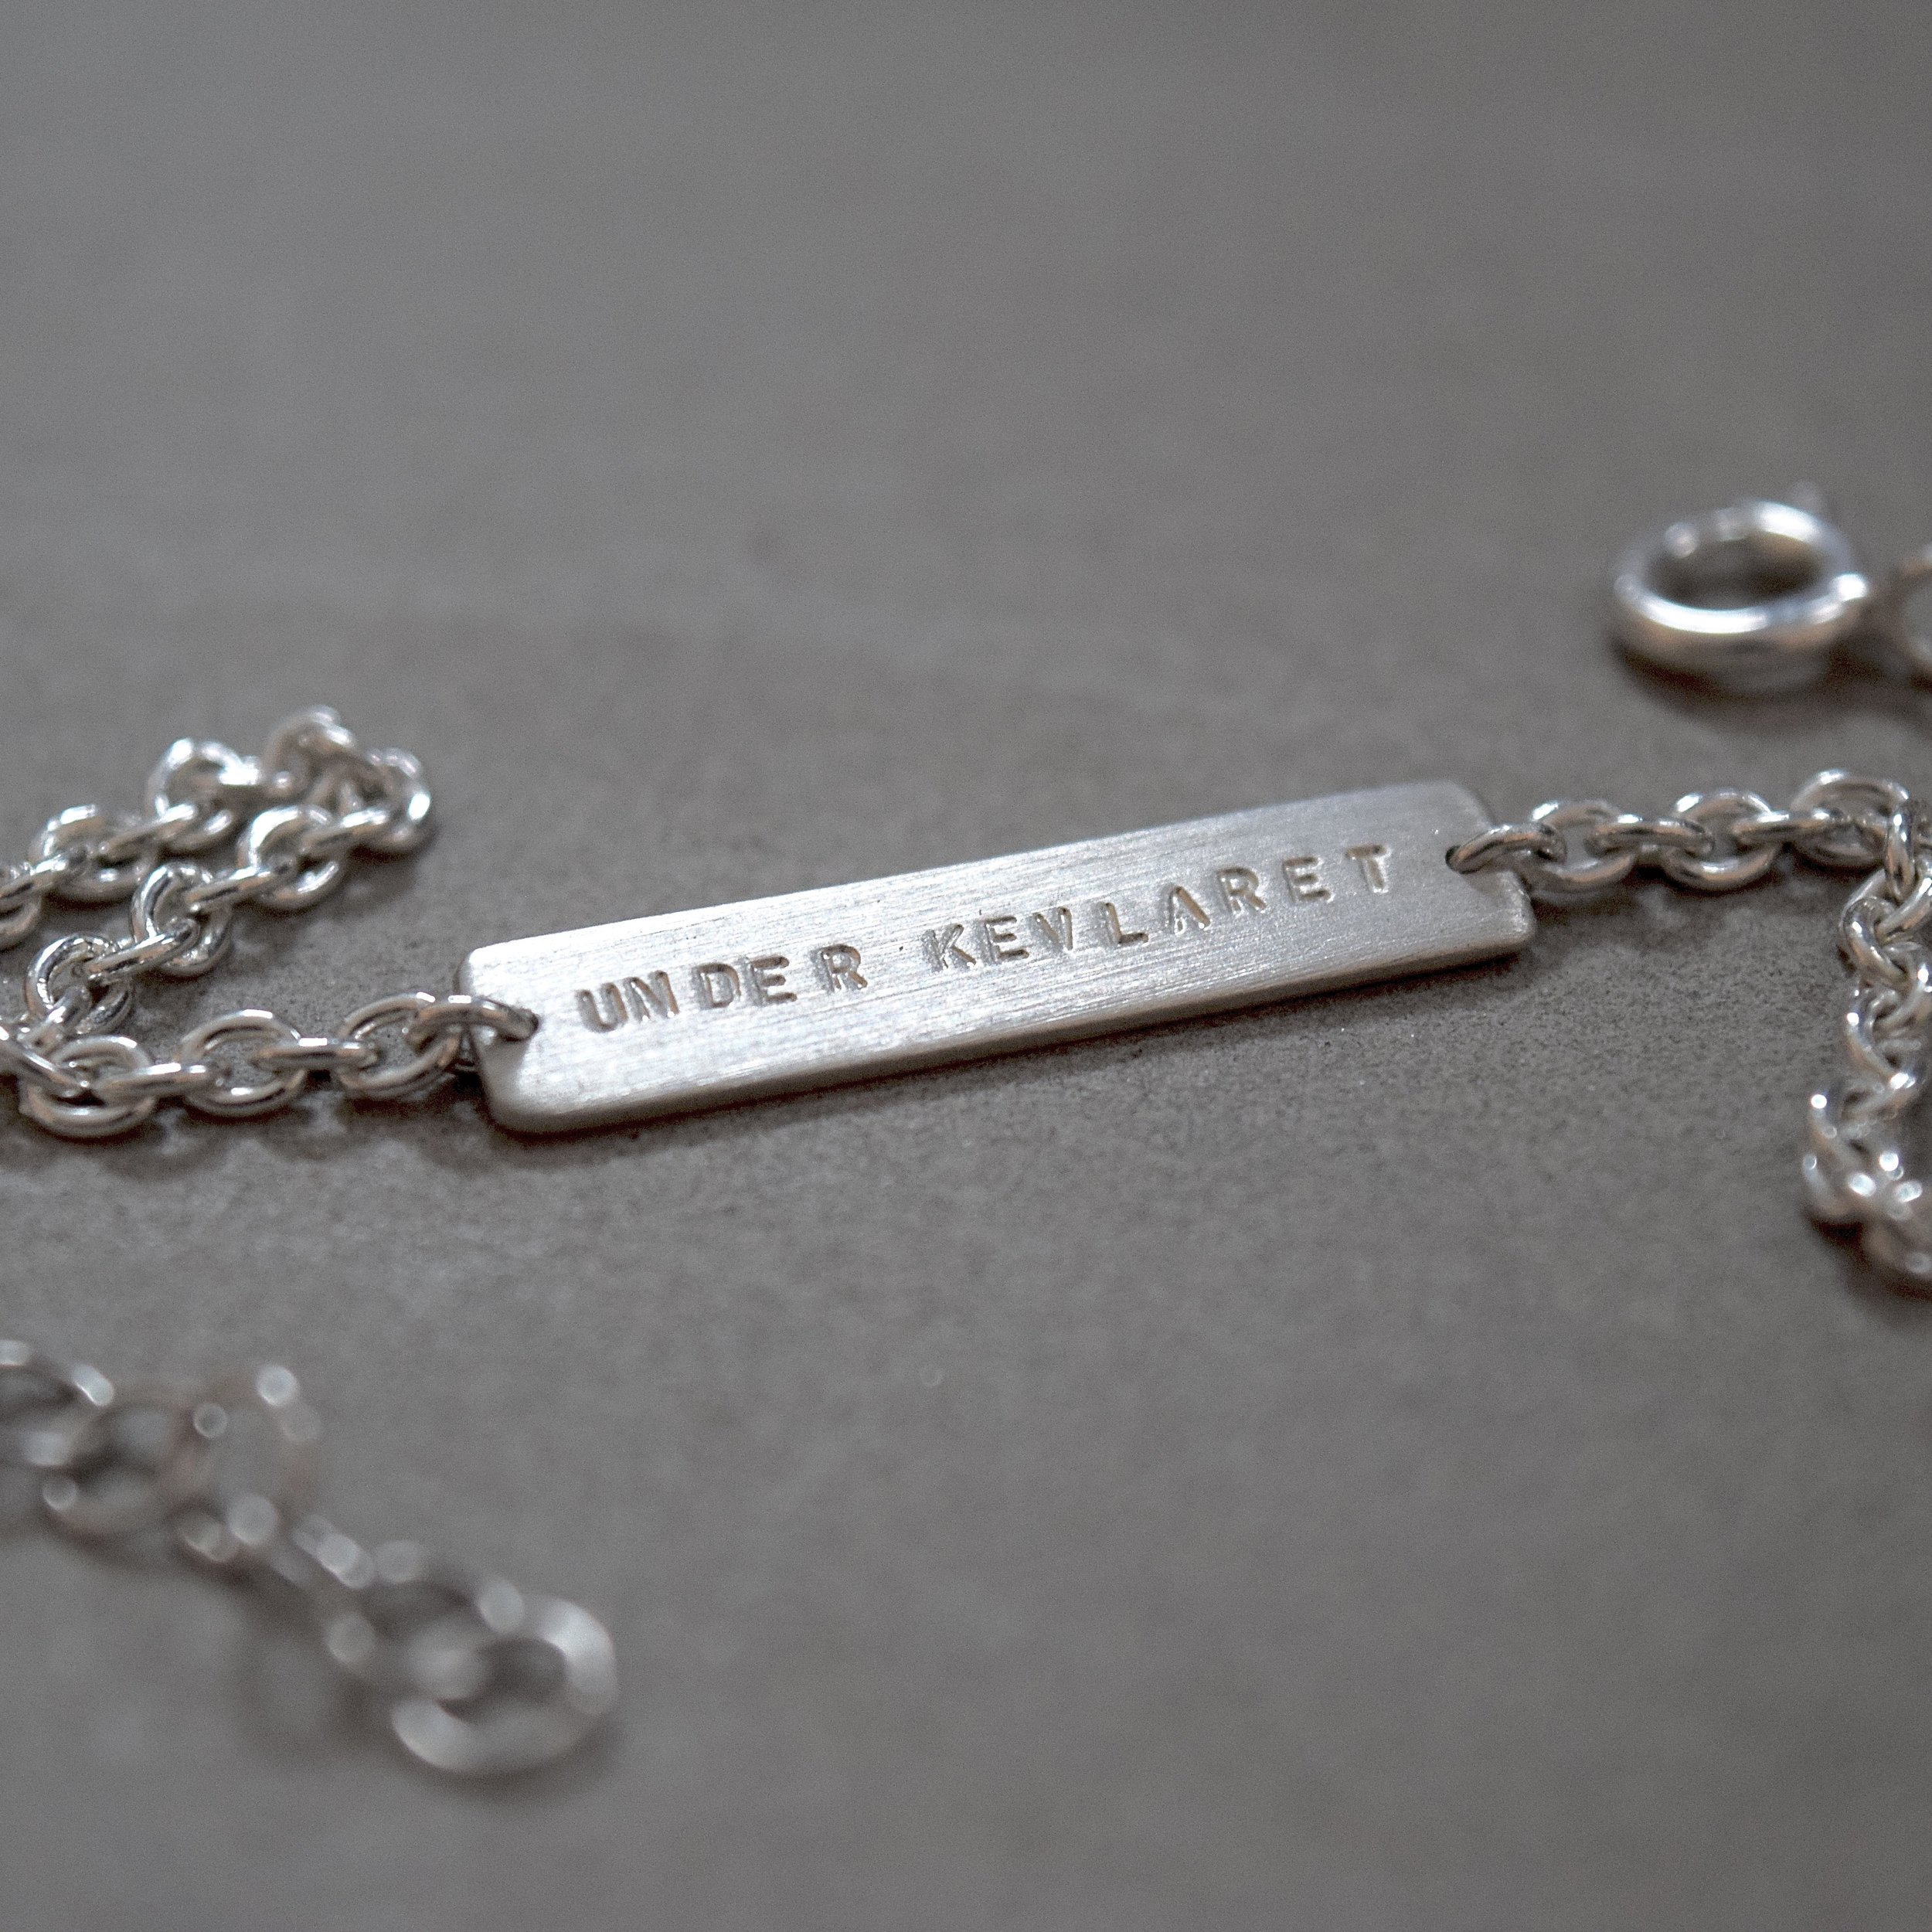 KÖP ETT UK-ARMBAND! - UK-armband av äkta silver, levererat i en box med en personlig hälsning. Perfekt som gåva till någon hjälp dig att skapa djupare samtal, eller kanske till någon DU vill börja skapa djupare samtal med!